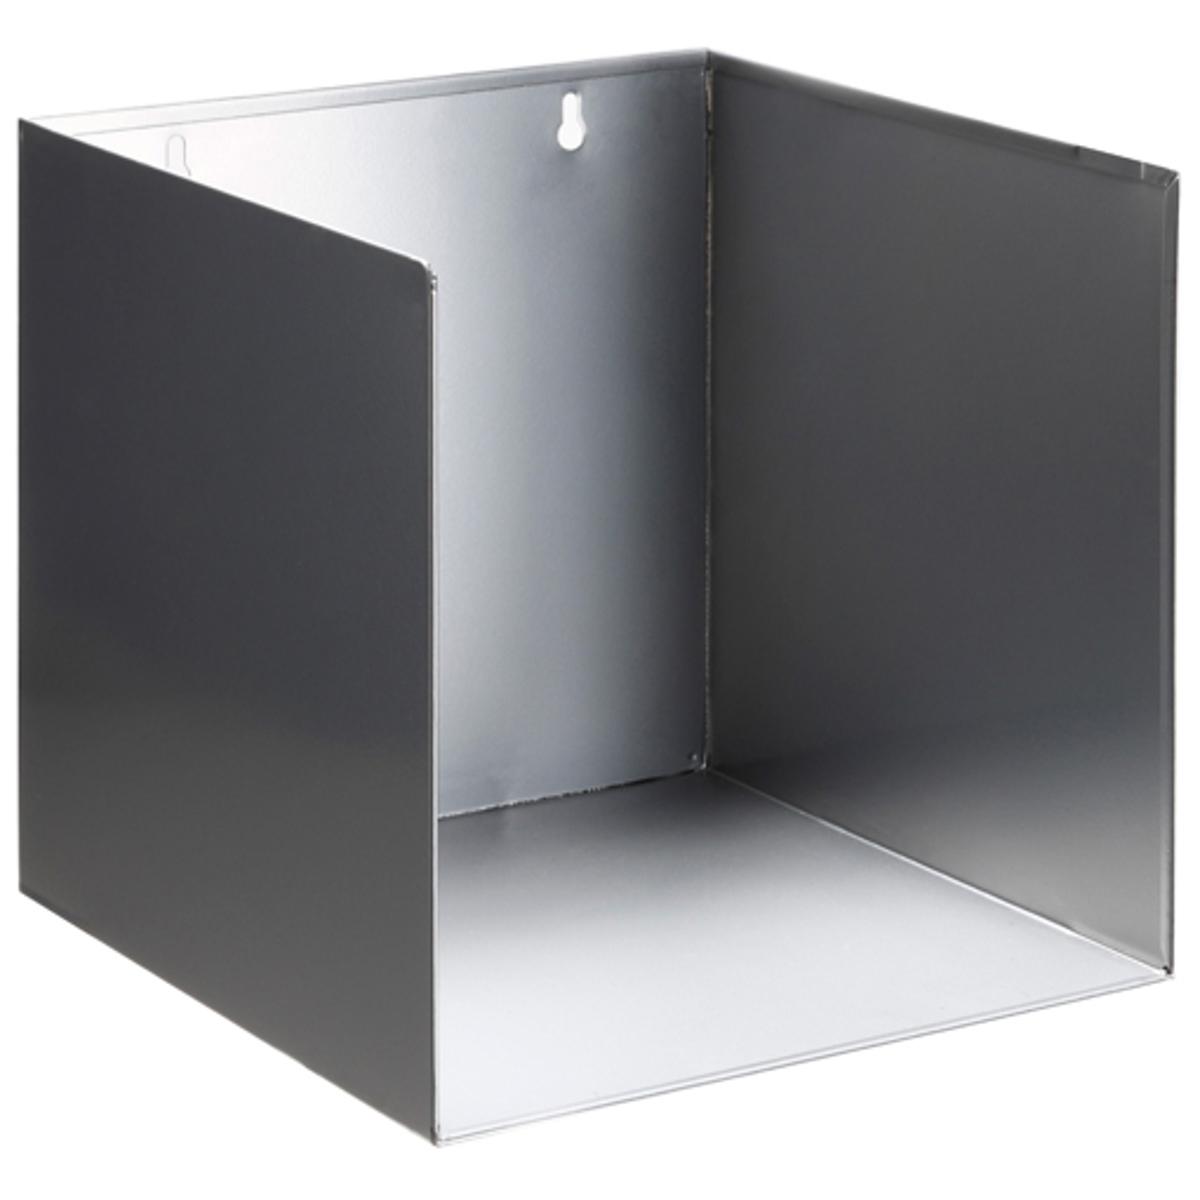 Полка настенная Torana (комплект из  2)Невероятно практичные полки подойдут для вашей домашней библиотеки . Для спальни, прихожей, гостиной...повсюду! . Гальванизированный металл, необработанный или с эпоксидным покрытием . Размеры. : 25 x 25 x 25 см .выдерживает вес до  5 кг.                                                                Добро пожаловать в мир стиля AM.PM.<br><br>Цвет: серый